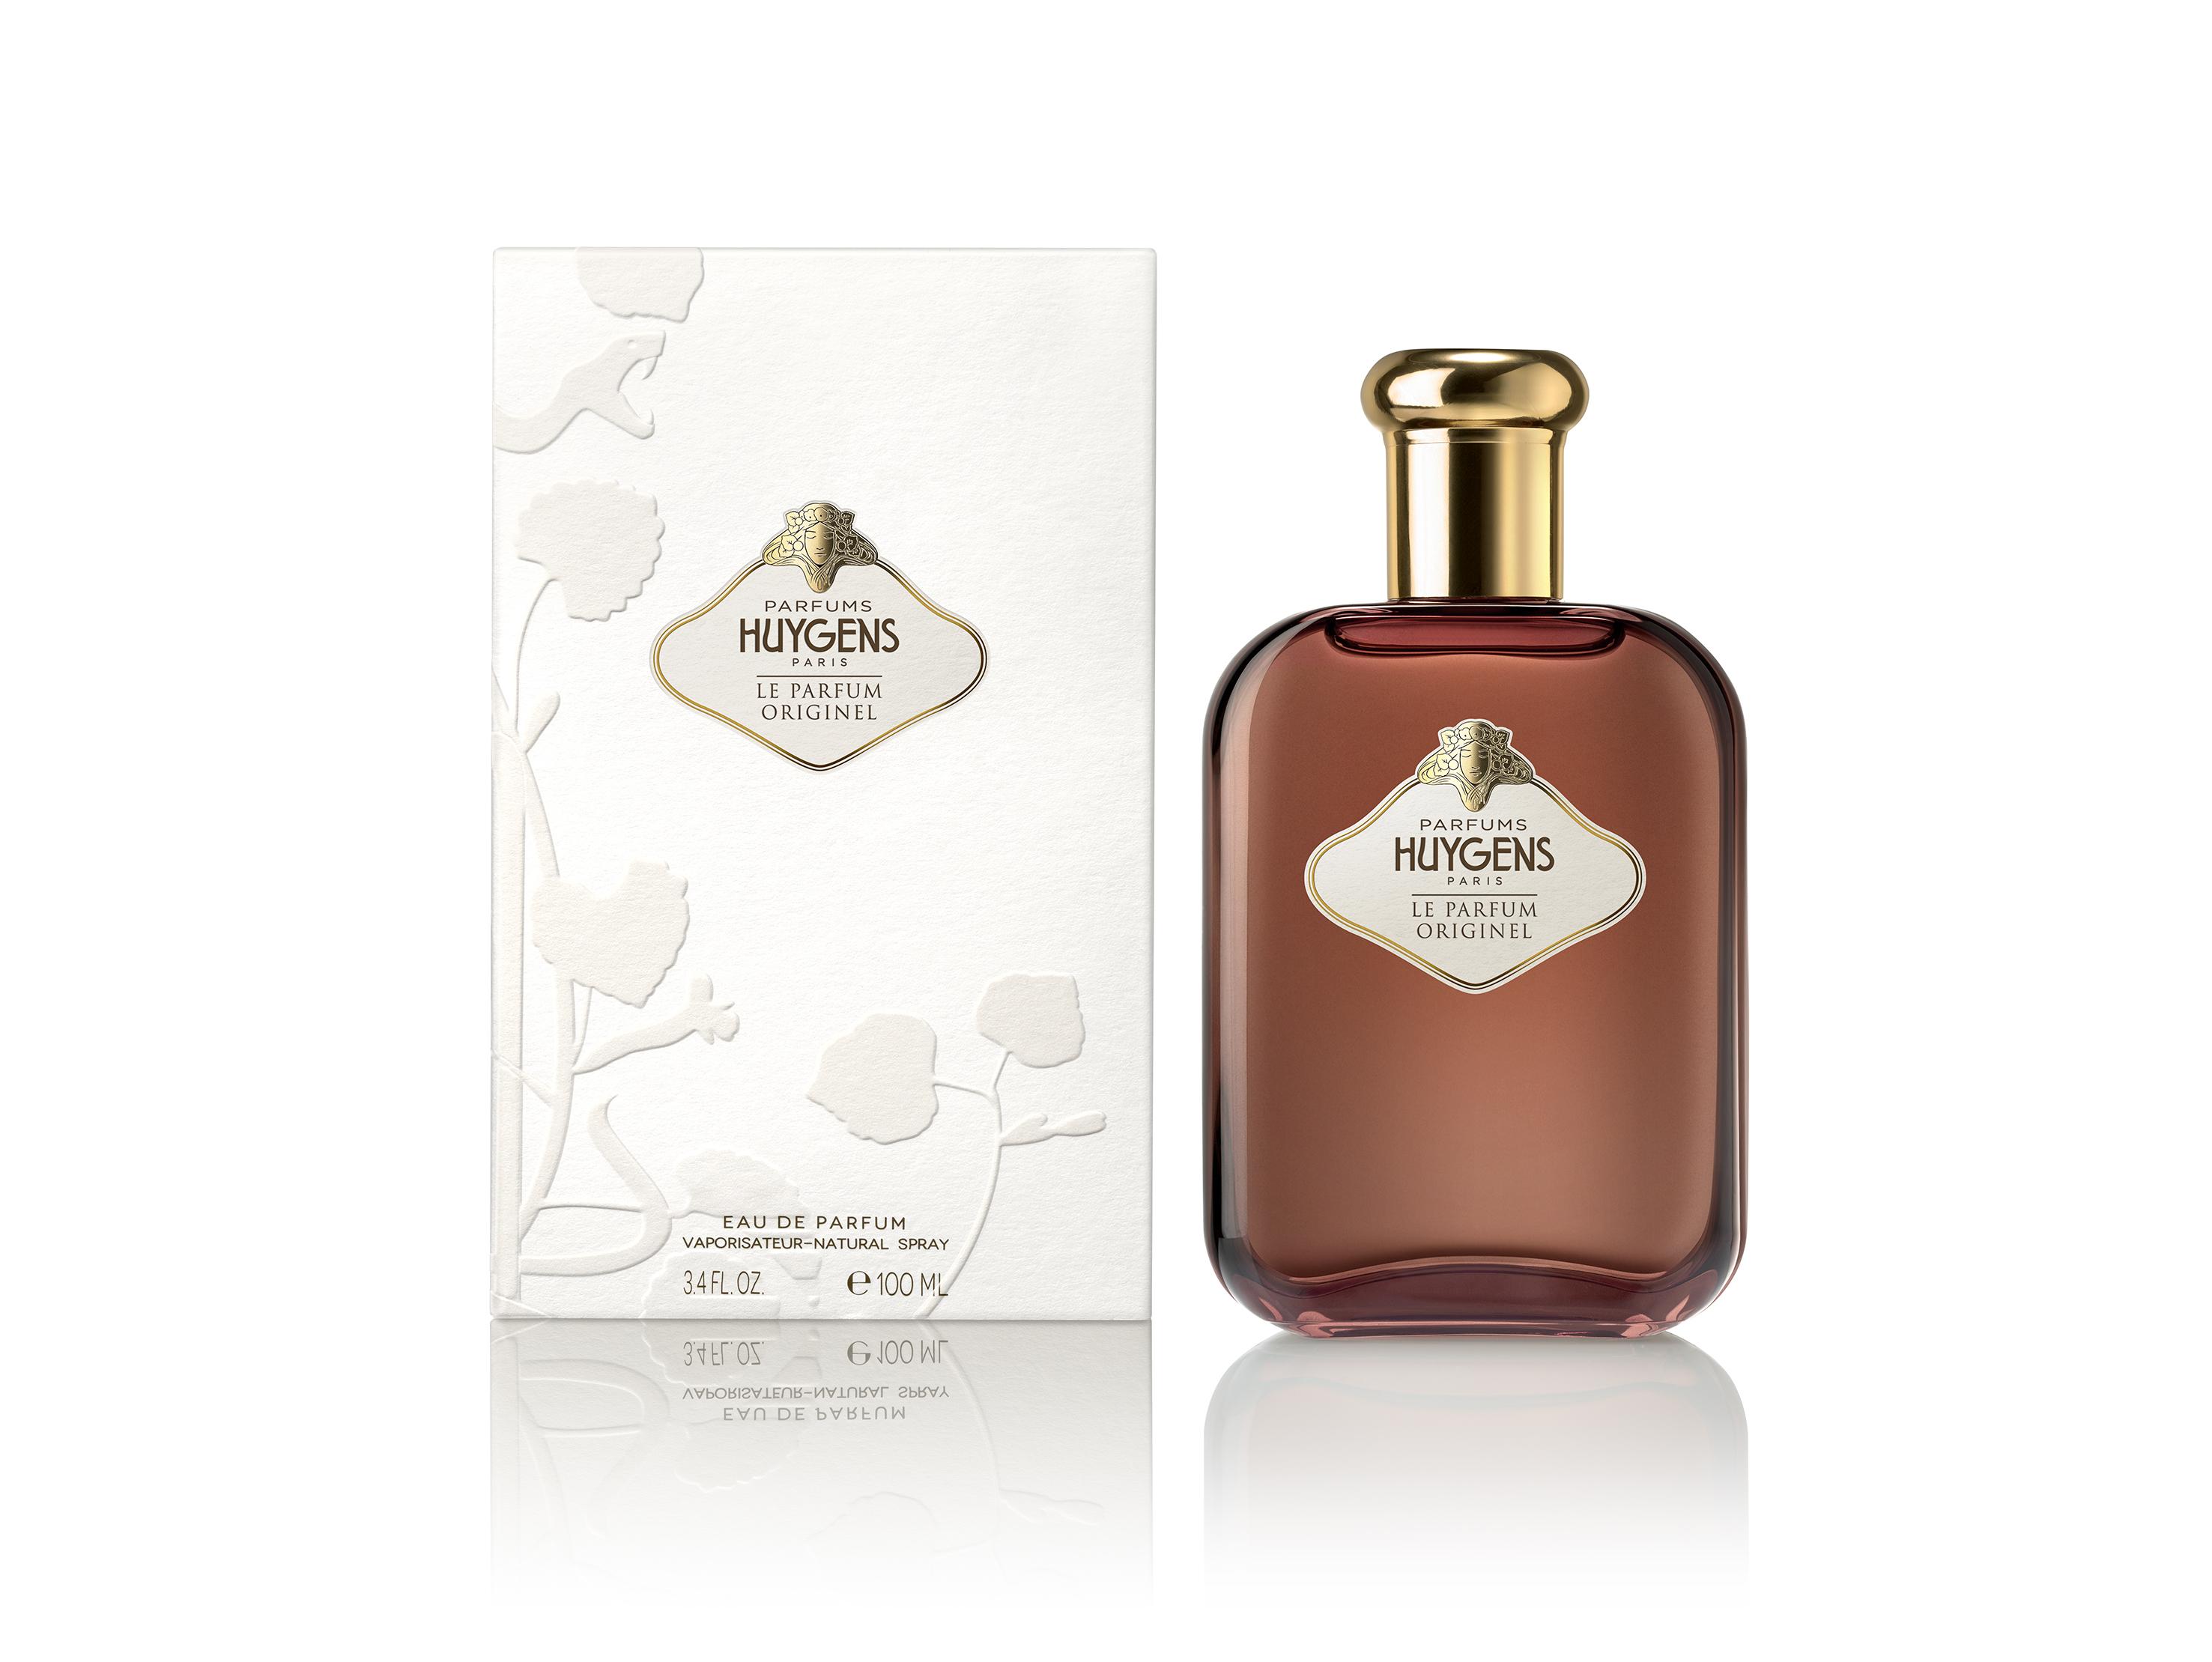 Le Parfum Originel Huygens